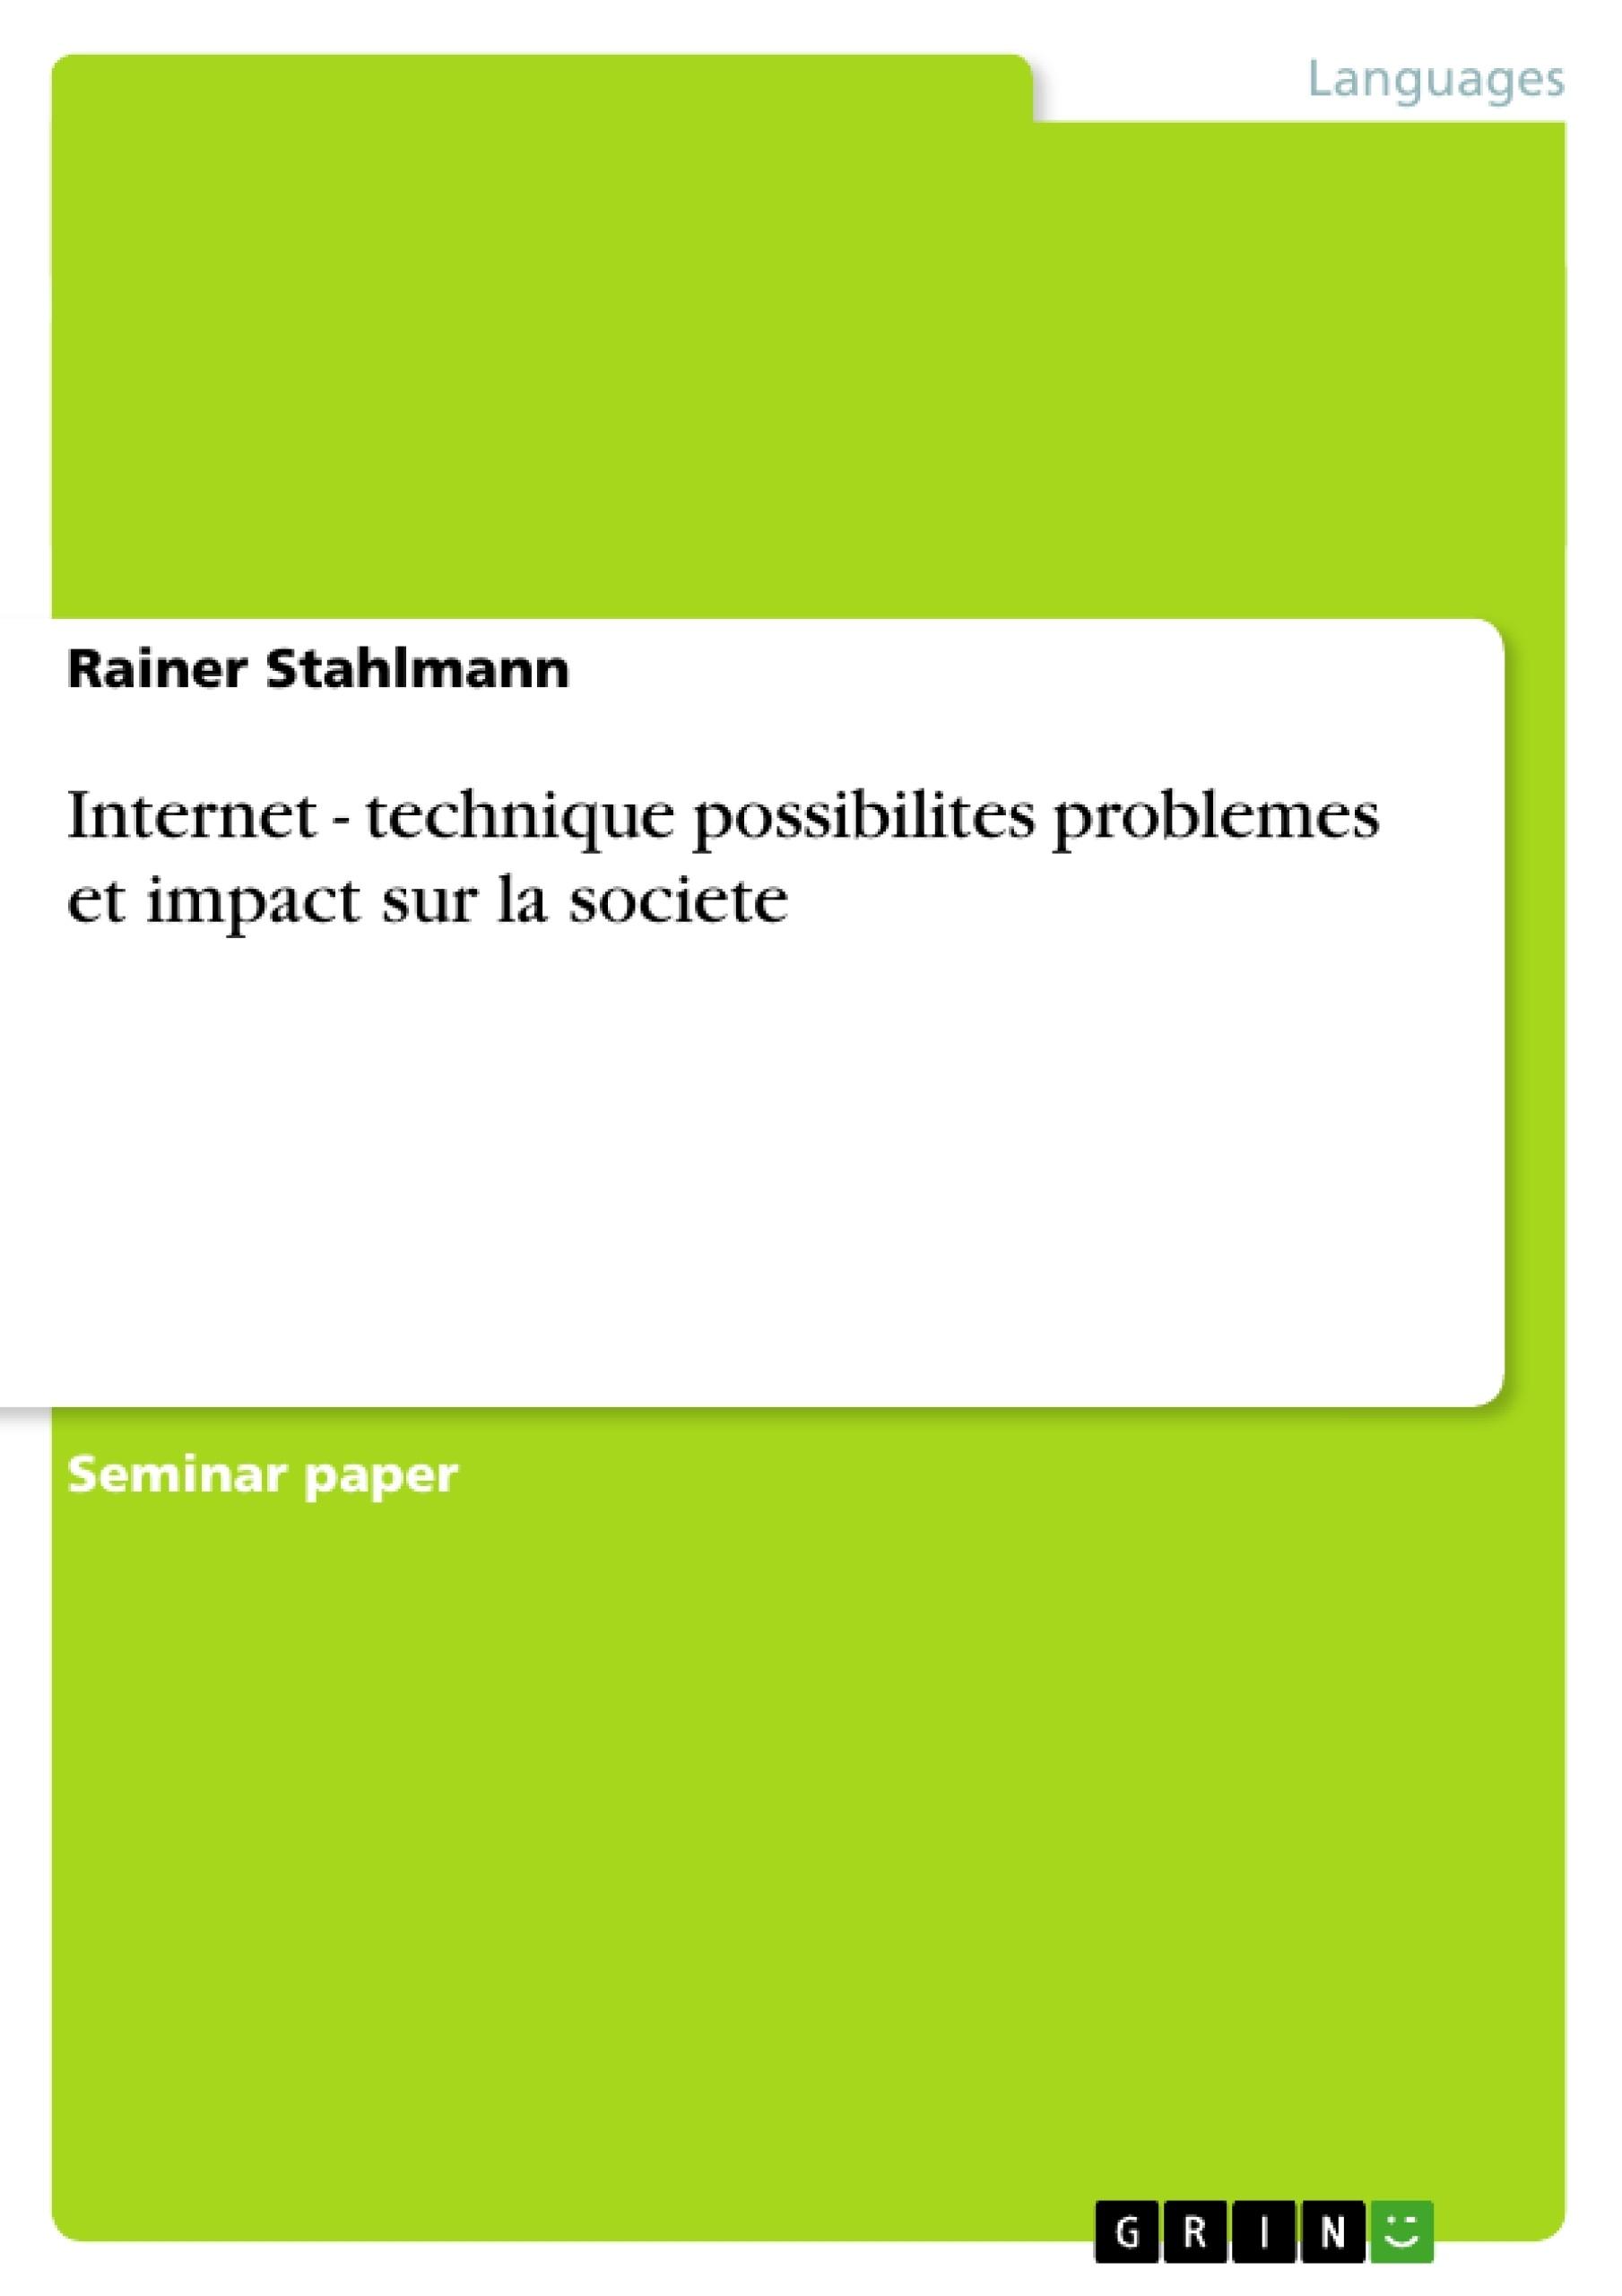 Titre: Internet - technique possibilites problemes et impact sur la societe